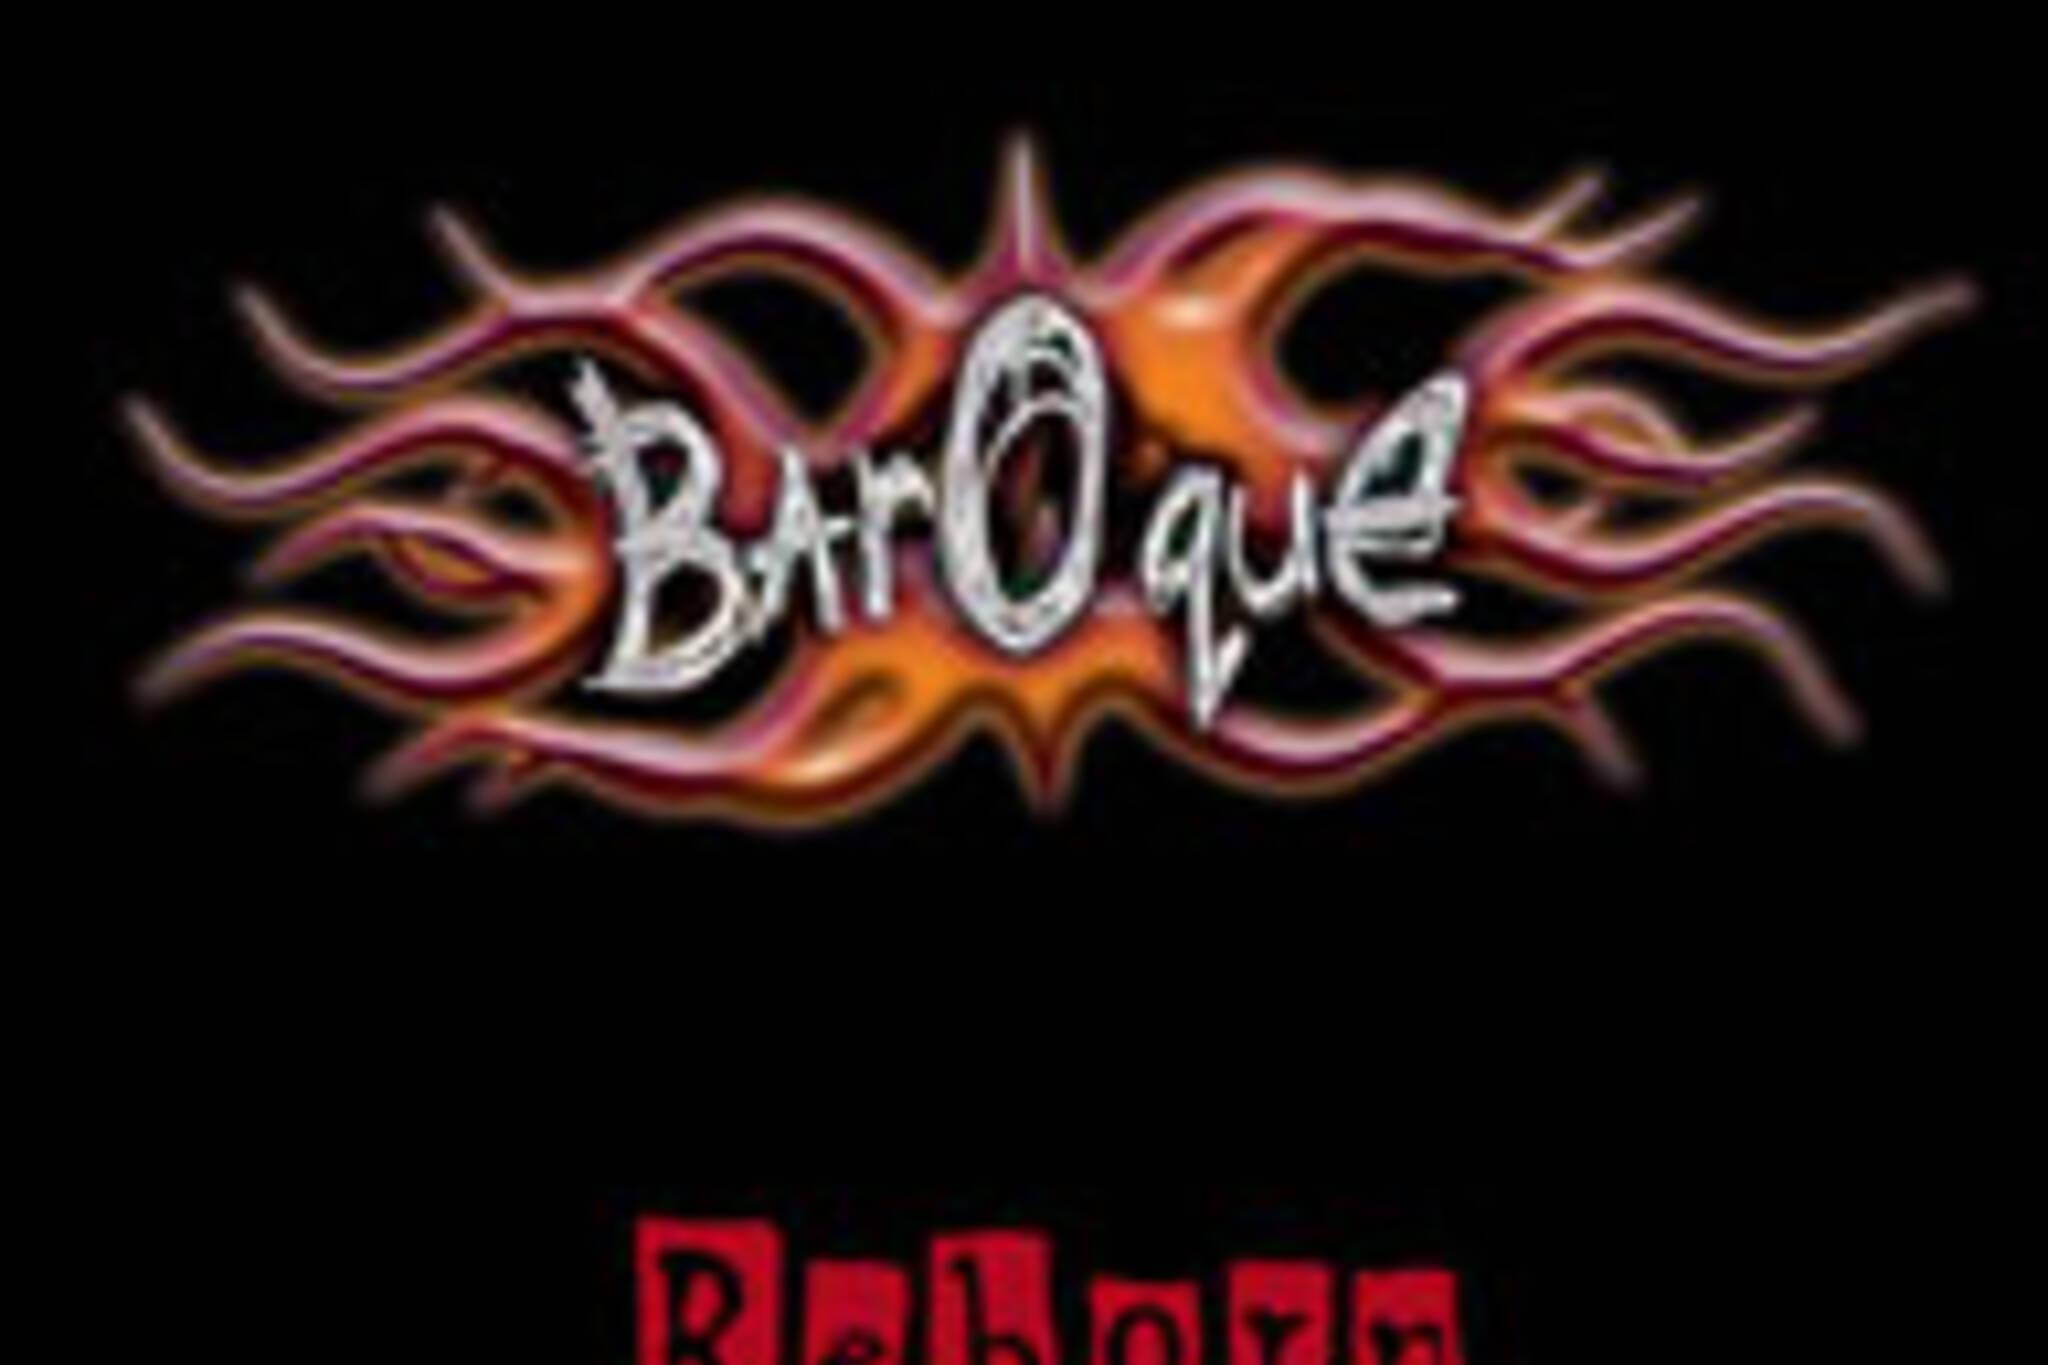 0609_BaroqueReborncover.jpg